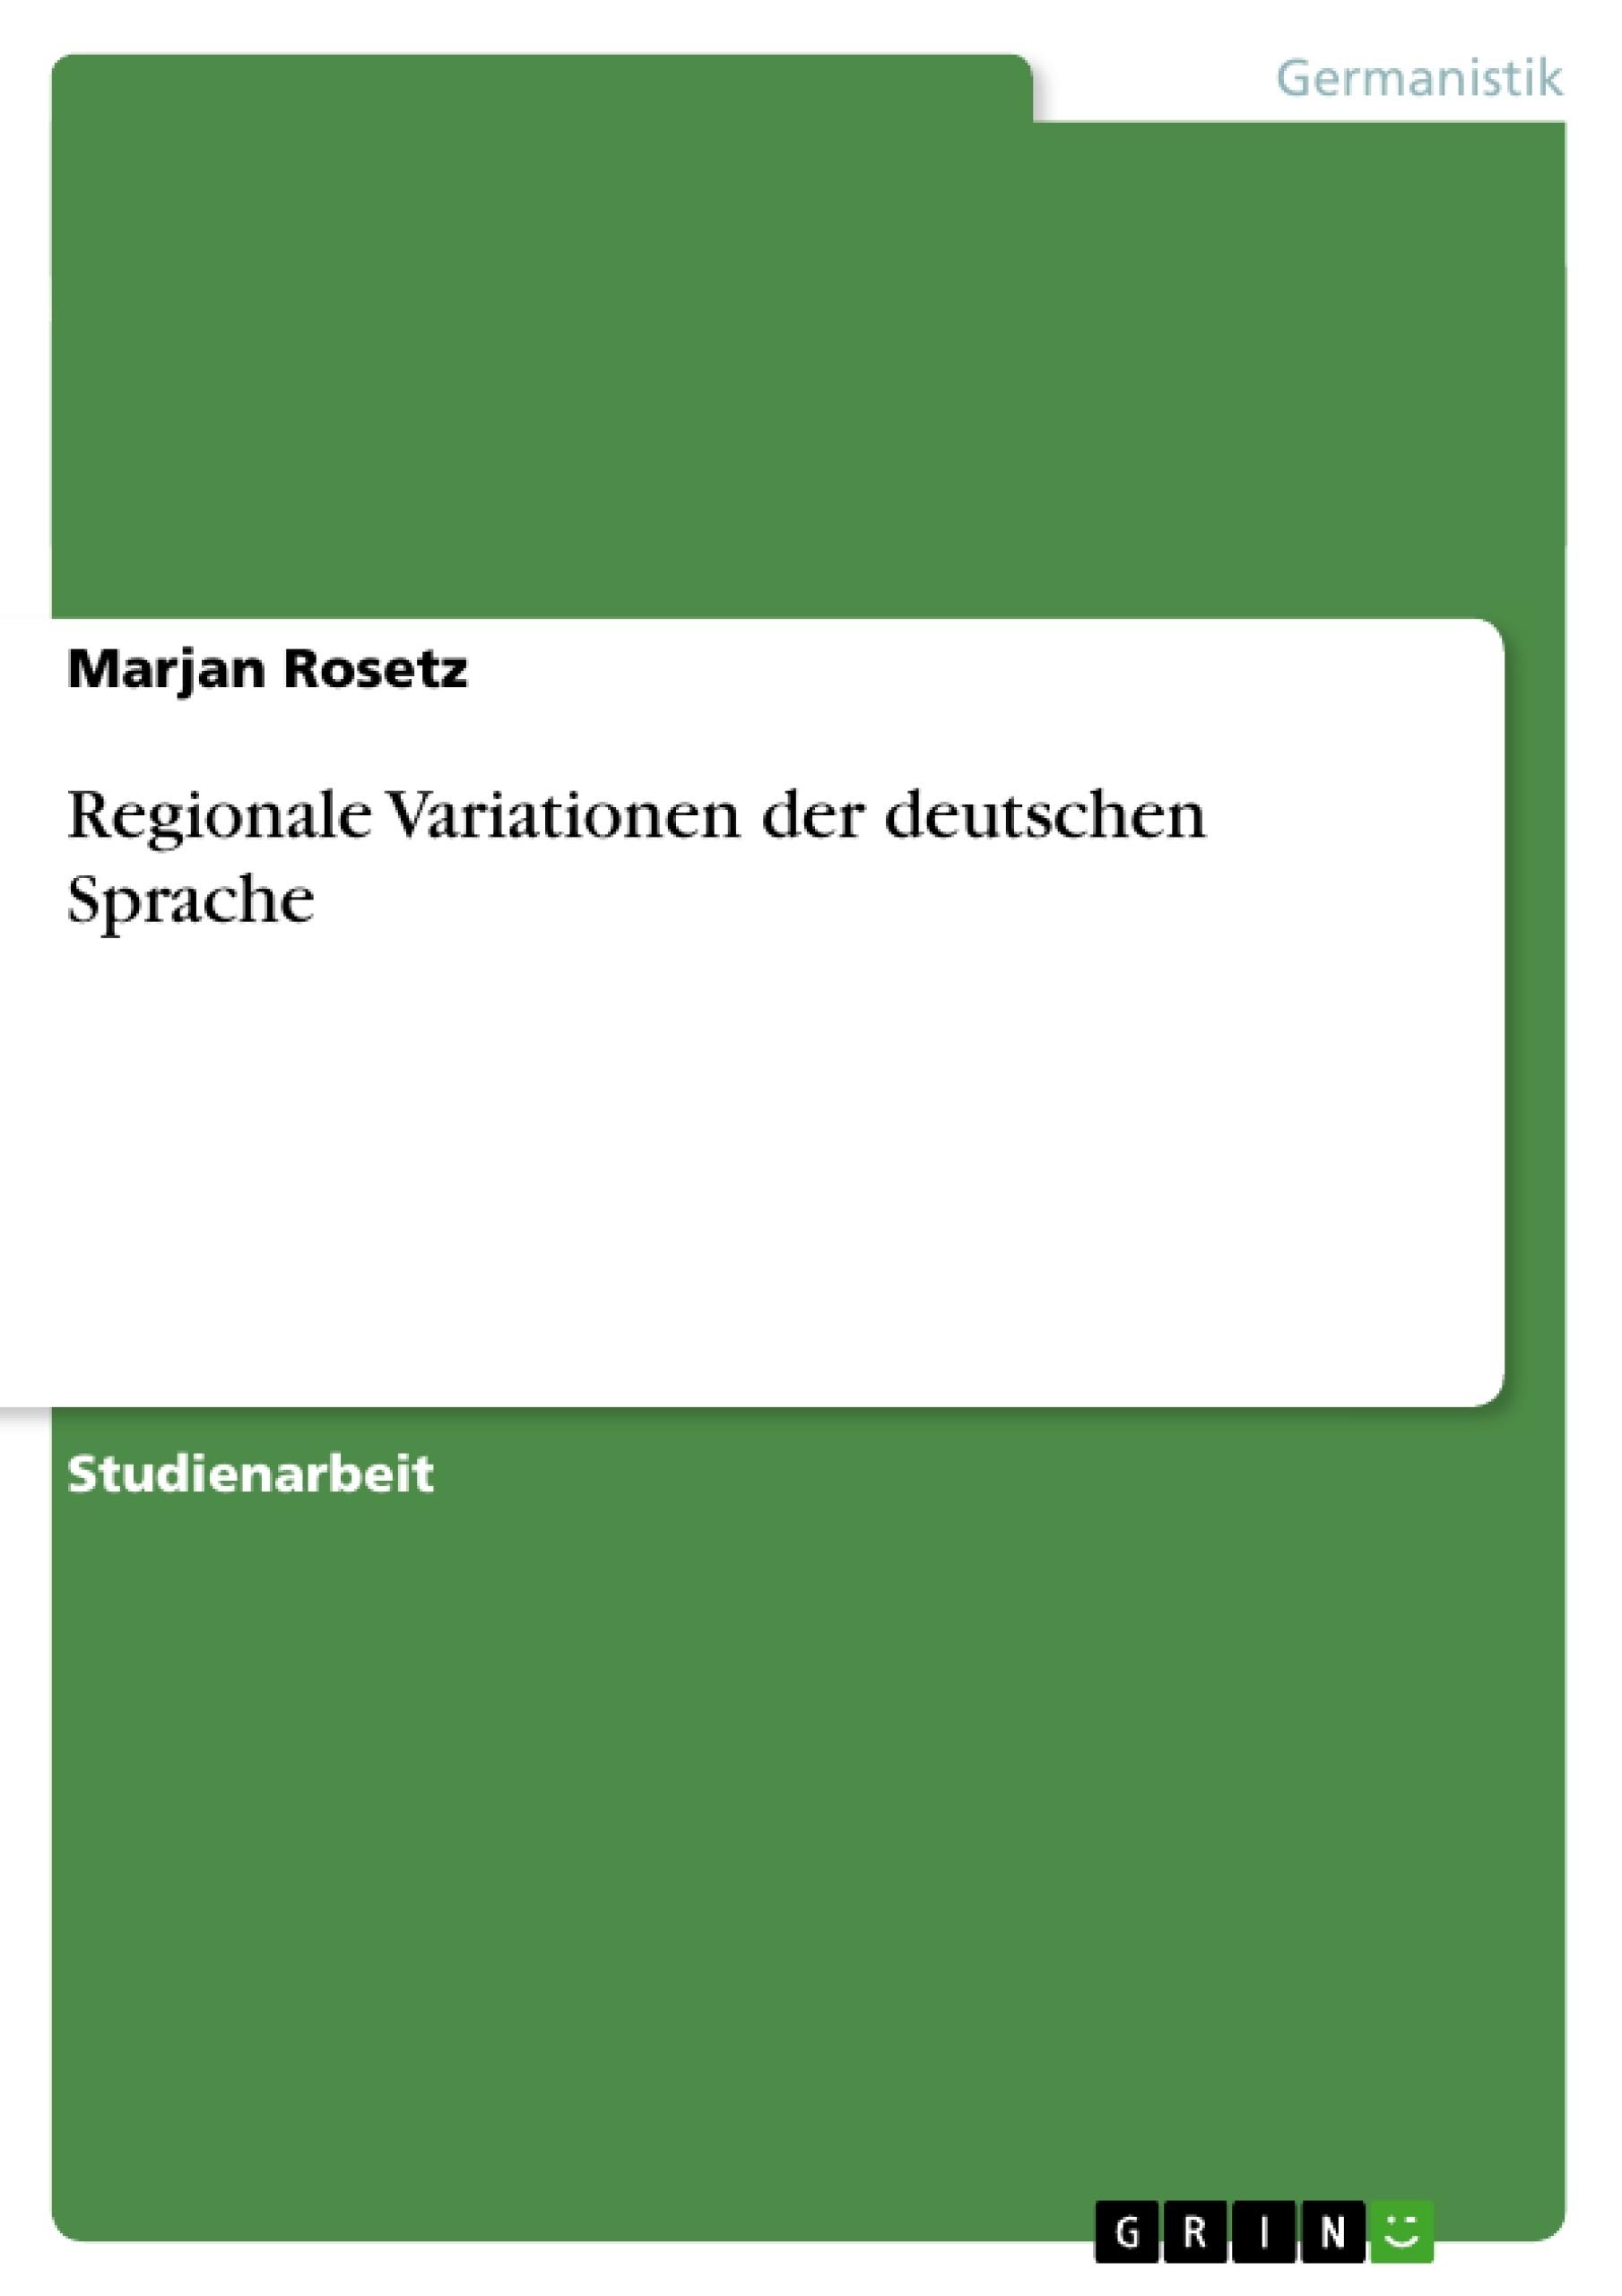 Titel: Regionale Variationen der deutschen Sprache